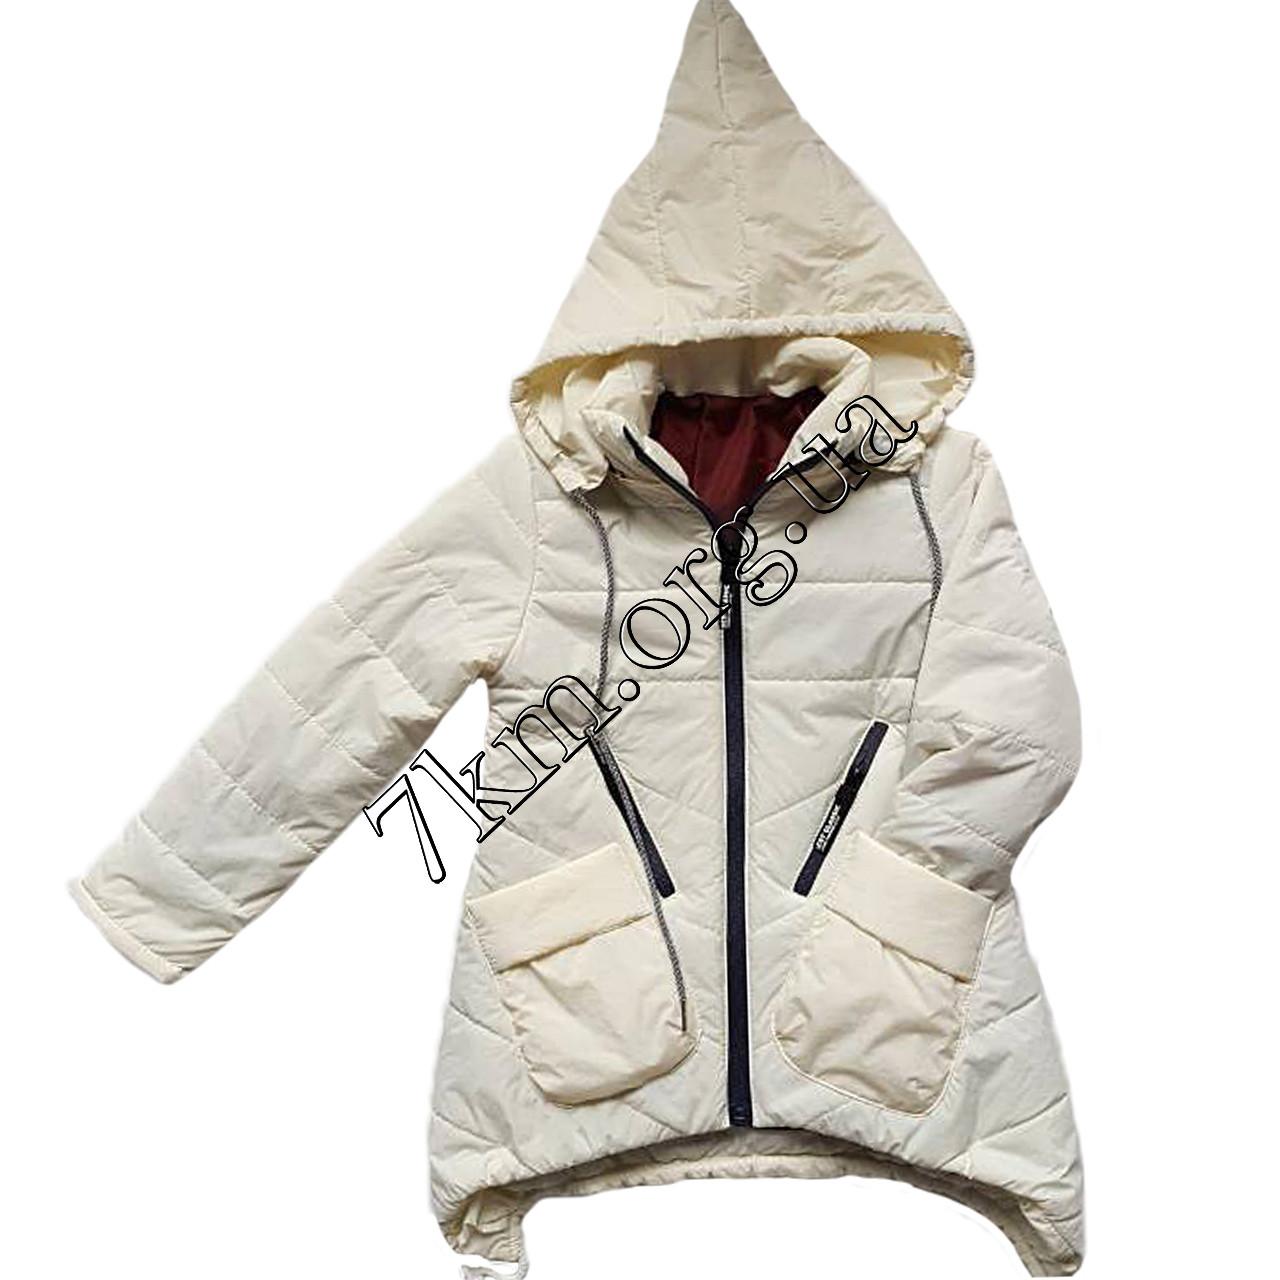 Детская куртка для девочек 5-9 лет молочная Оптом 040908 - Детская одежда  оптом 7км 534a80dd019c5